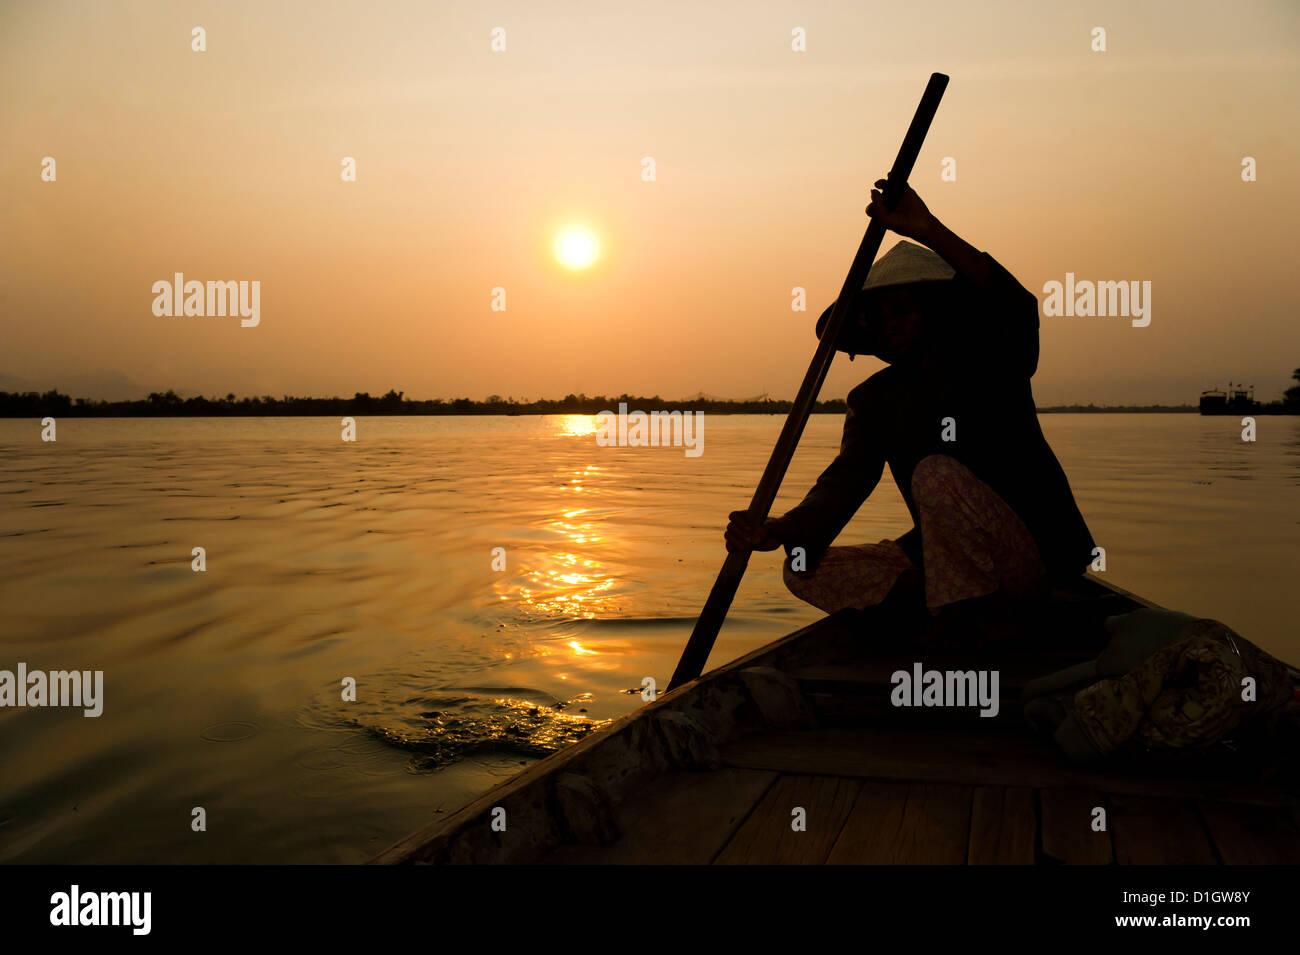 Alte Dame Rudern in Hoi an einen Hafen Silhouette bei Sonnenuntergang, Indochina, Vietnam, Südostasien, Asien Stockbild